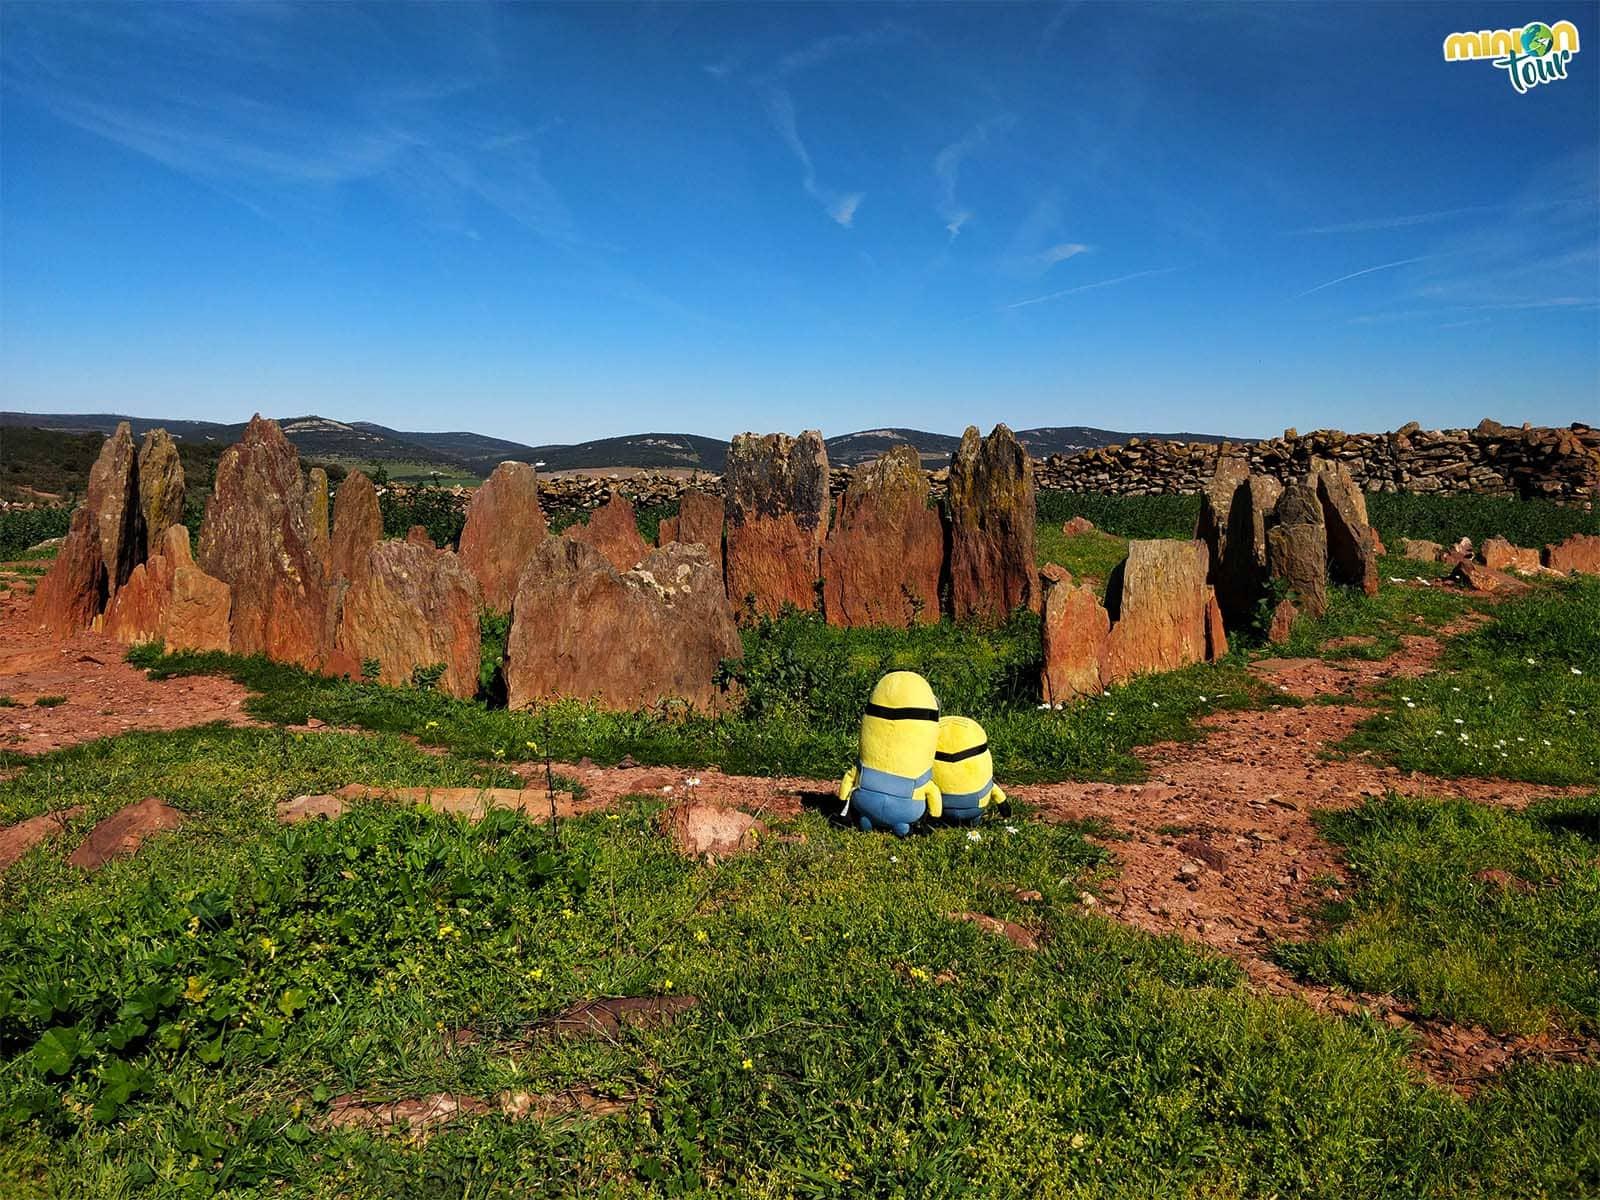 El Dolmen de la Sierra Gorda, un dolmen de nuestro tamaño en La Serena